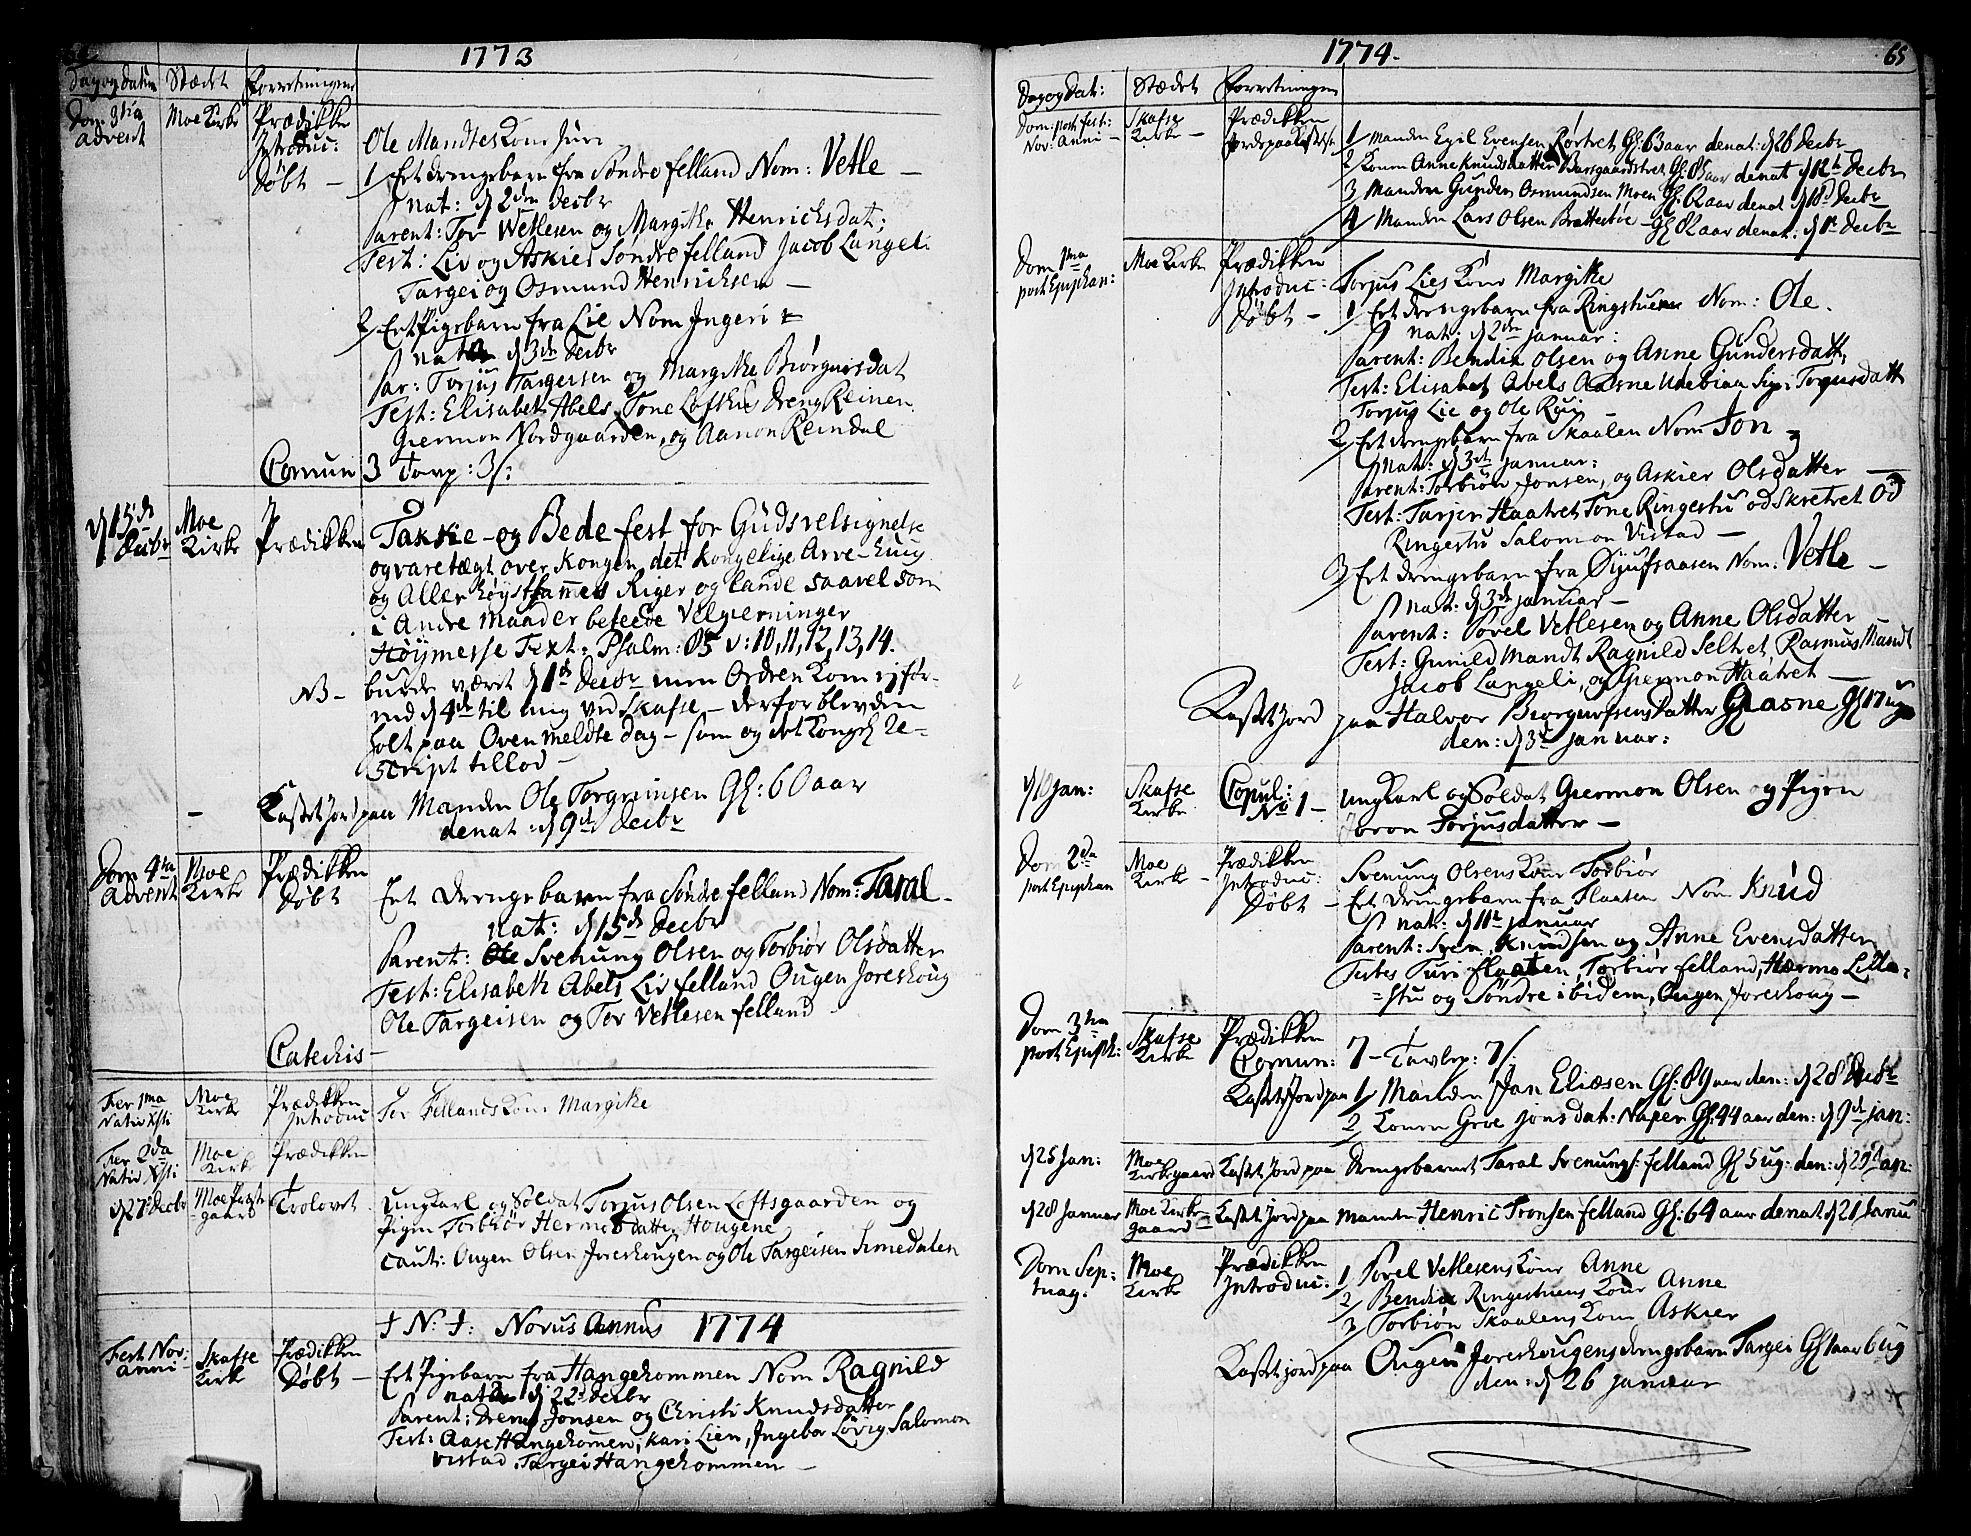 SAKO, Mo kirkebøker, F/Fa/L0002: Ministerialbok nr. I 2, 1766-1799, s. 64-65